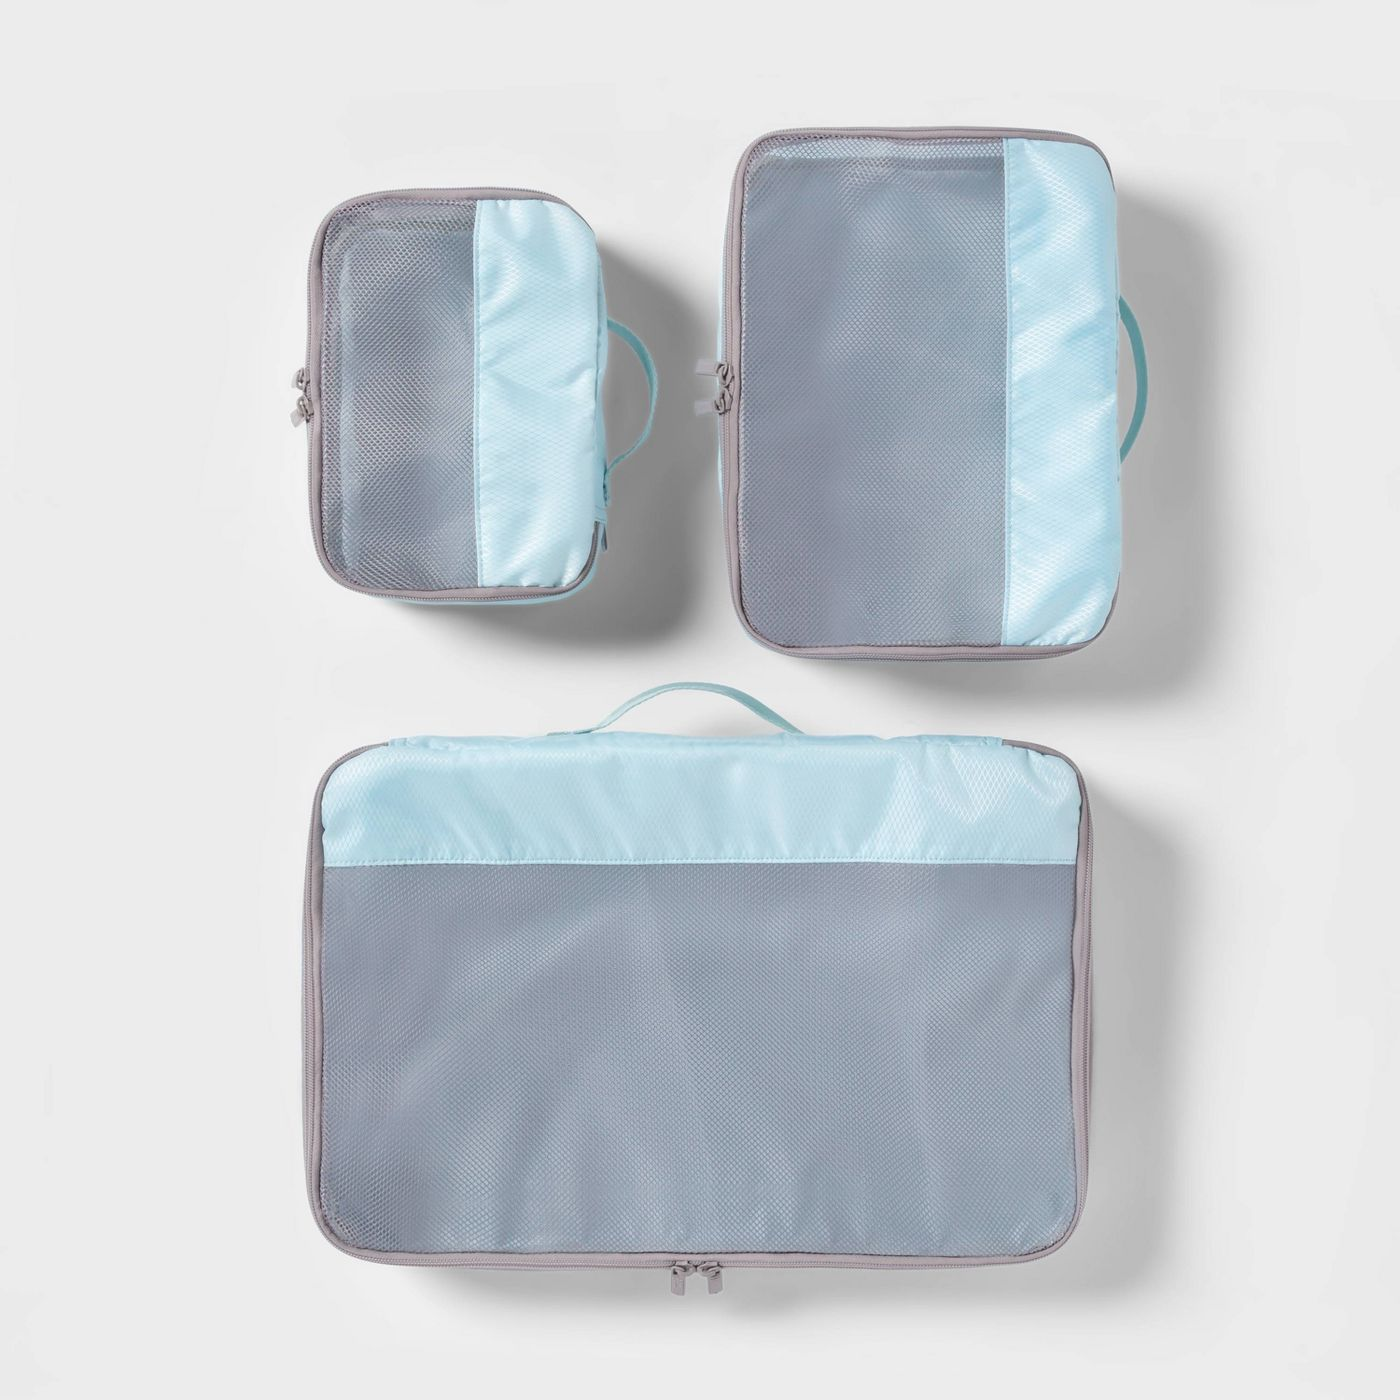 Target Packing Cubes